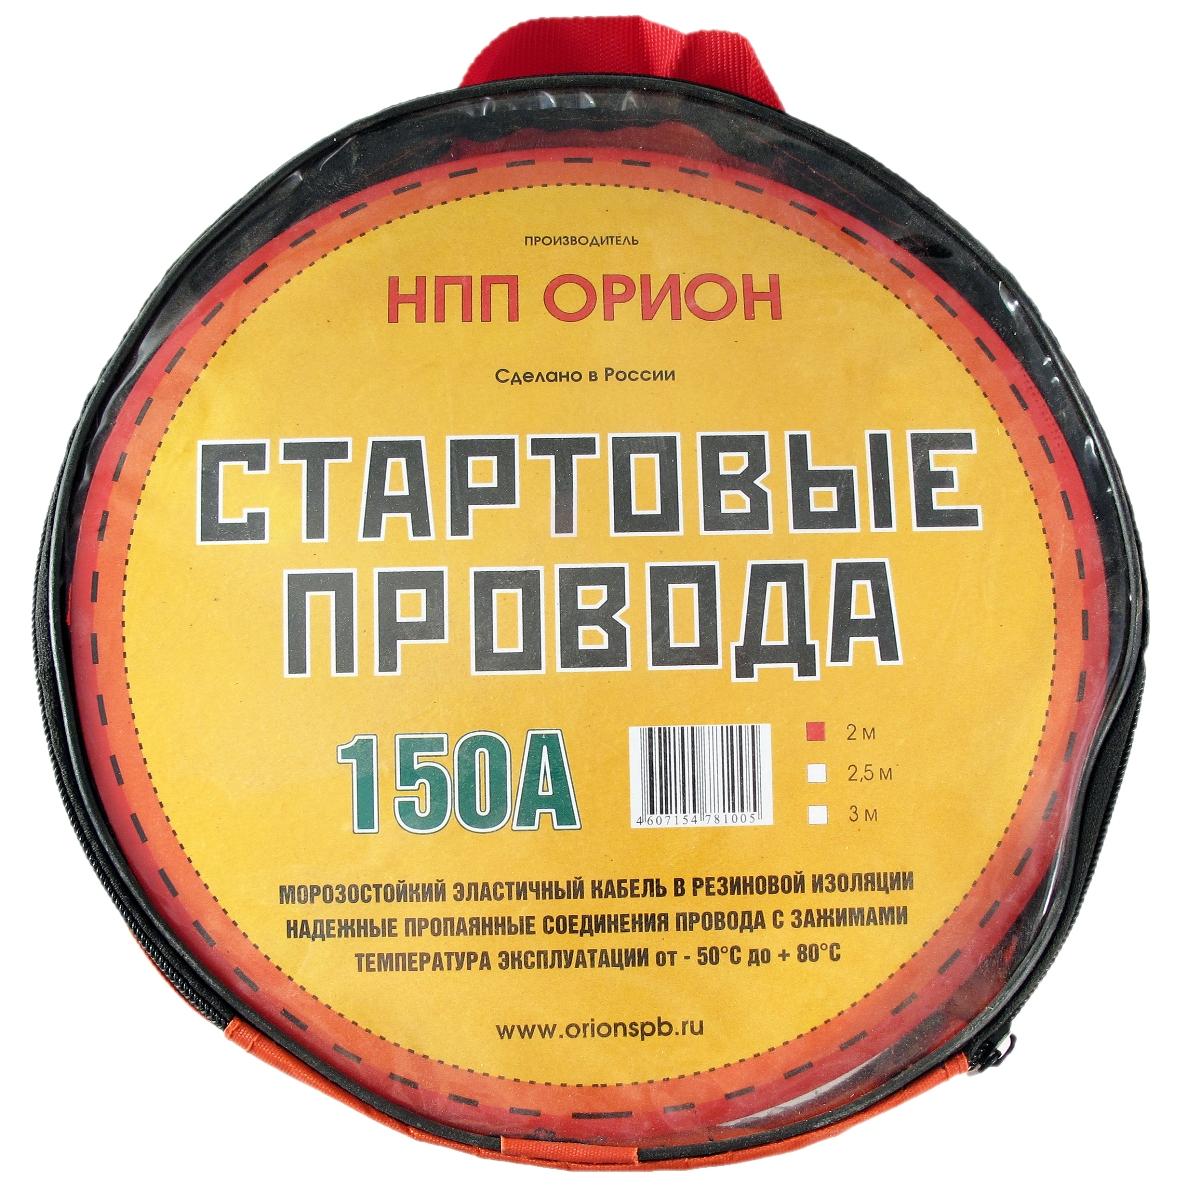 Стартовые провода Орион, хладостойкие, в сумке, 150А, 2 мVA4223 WD1НАЗНАЧЕНИЕСтартовые провода предназначены для соединения одноименных клемм аккумуляторов автомобилей для того, чтобы осуществить дополнительную подпитку стартера в автомобиле с разряженной аккумуляторной батареей или загустевшим от мороза маслом. Применяются для запуска двигателей легковых и грузовых автомобилей при низкой температуре воздуха в холодное время года, а также после длительного хранения автомобиля, вызвавшего саморазряд аккумуляторной батареи.ОСОБЕННОСТИ-Морозостойкий эластичный кабель в резиновой изоляции-Многожильный медный проводник-Полностью изолированные зажимы-Надежные пропаянные соединения провода с зажимами-Температура эксплуатации от - 50° С до + 80° С